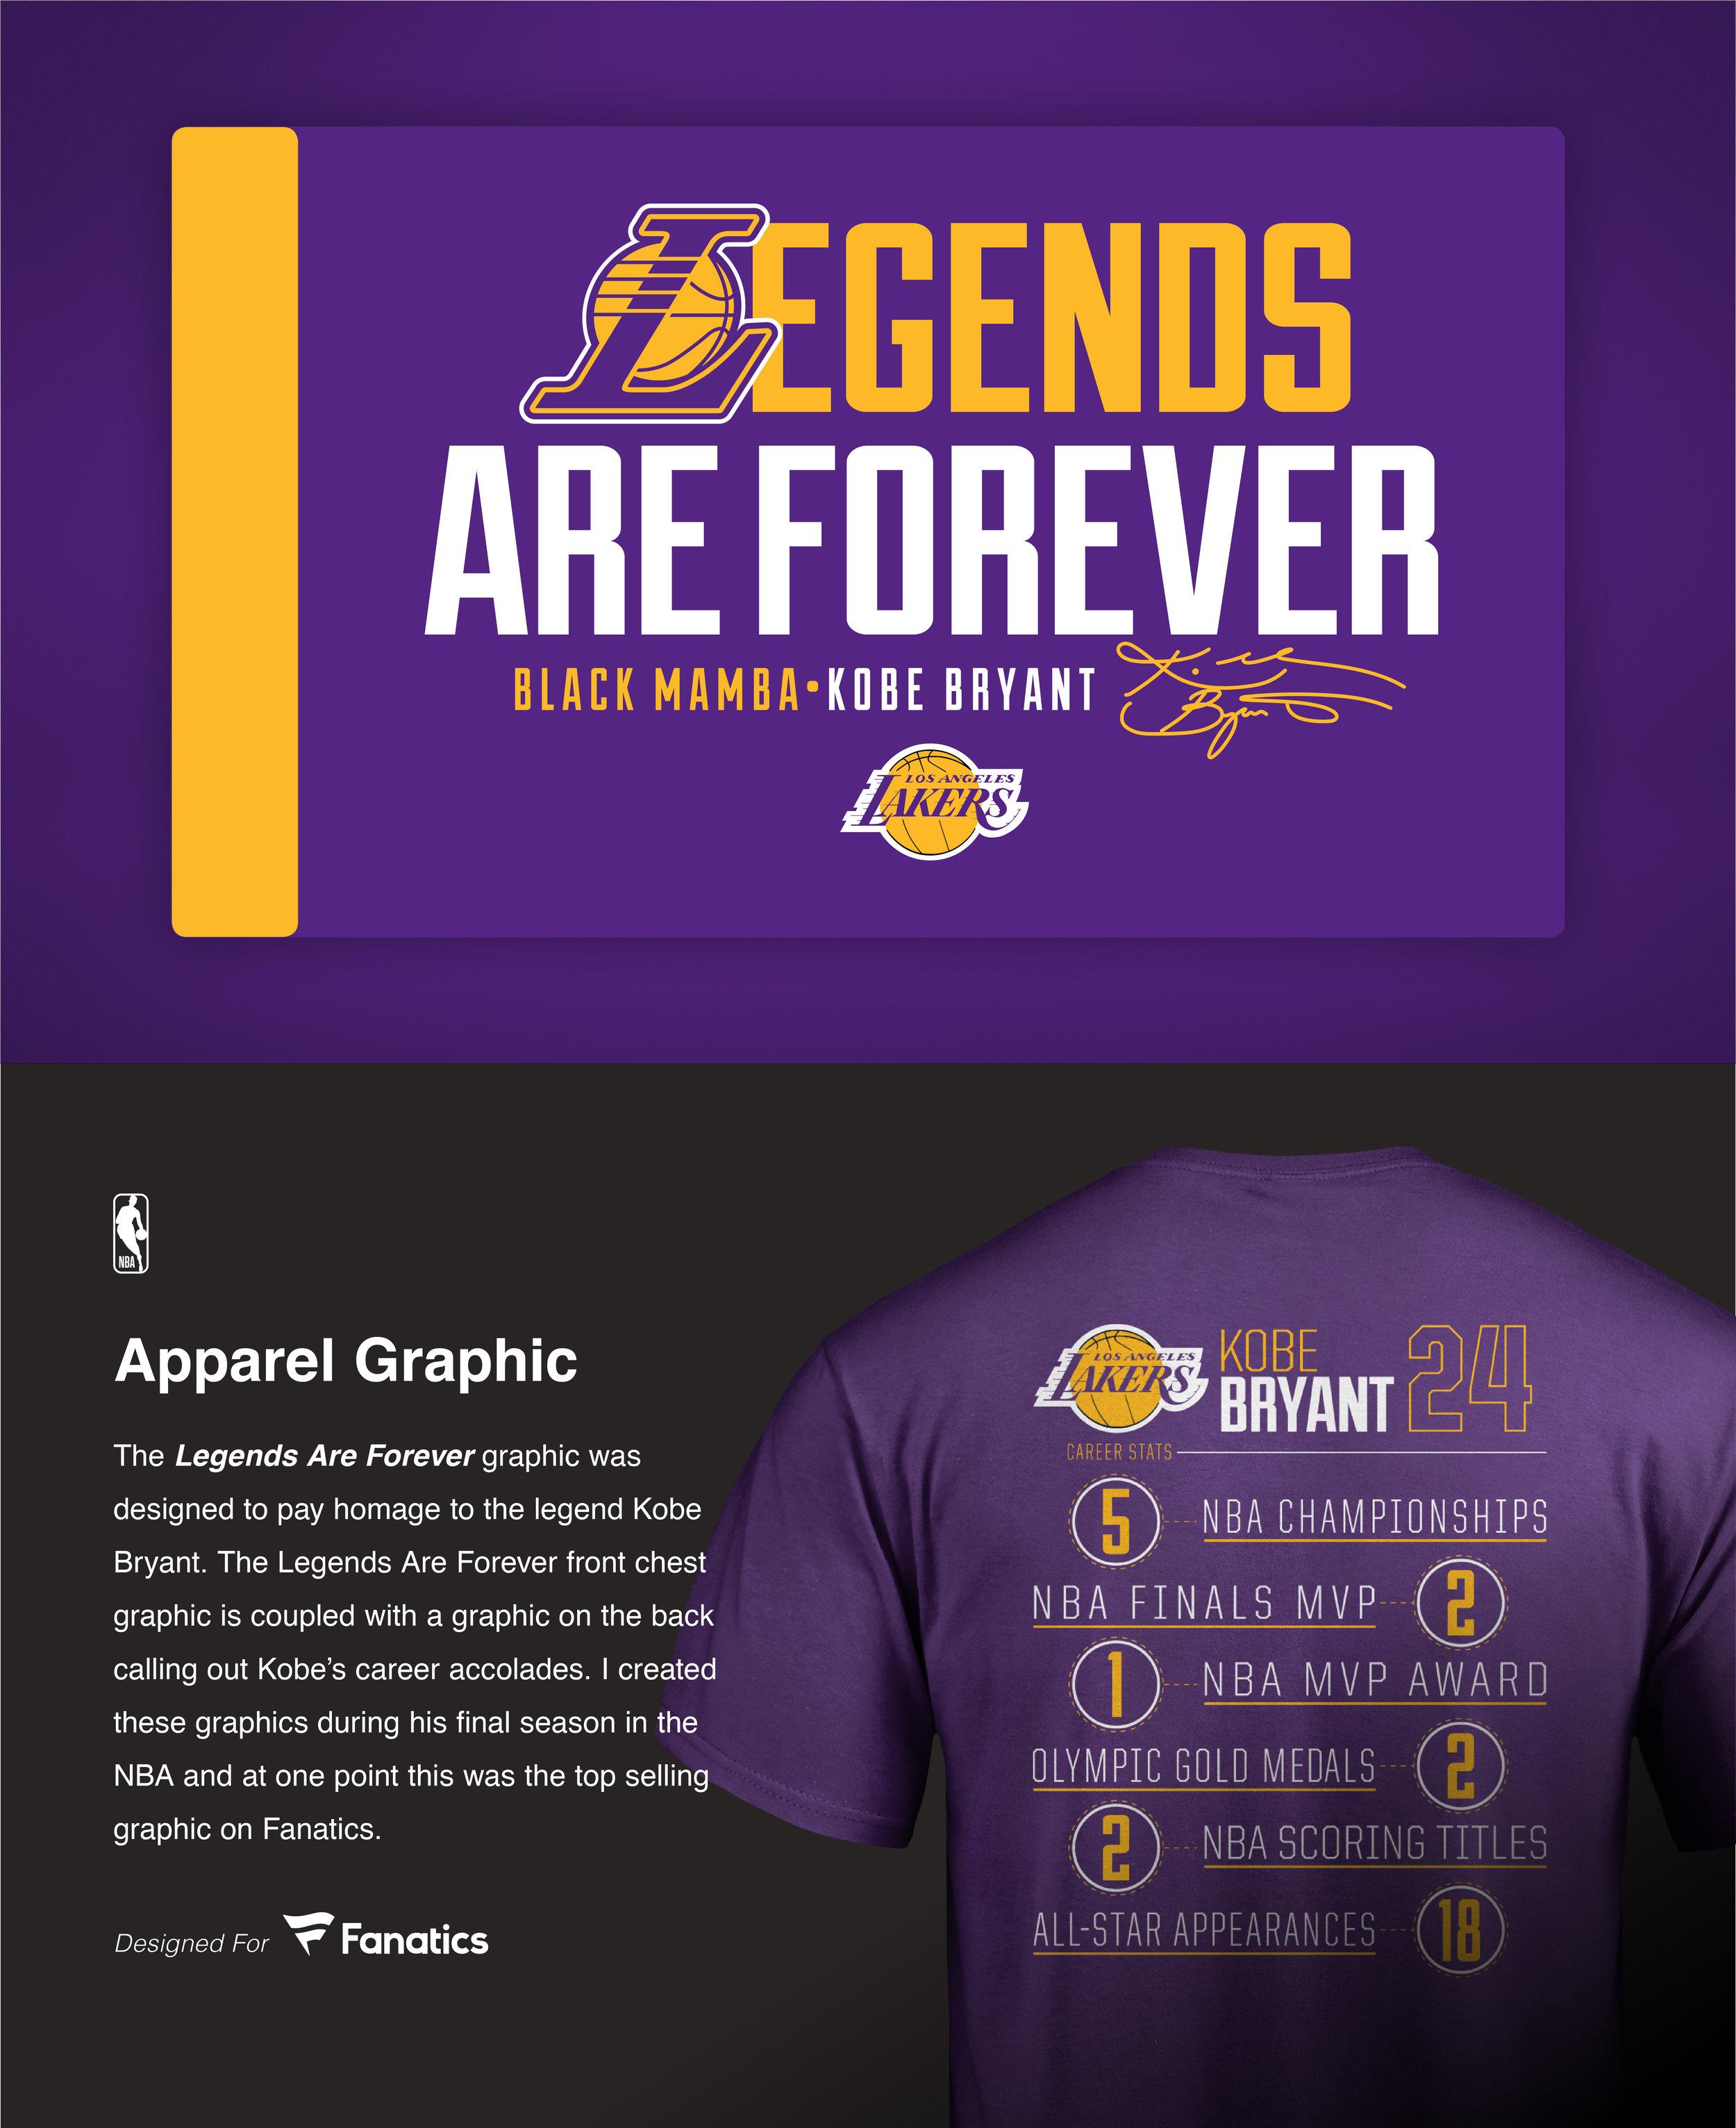 LegendsAreForever.jpg